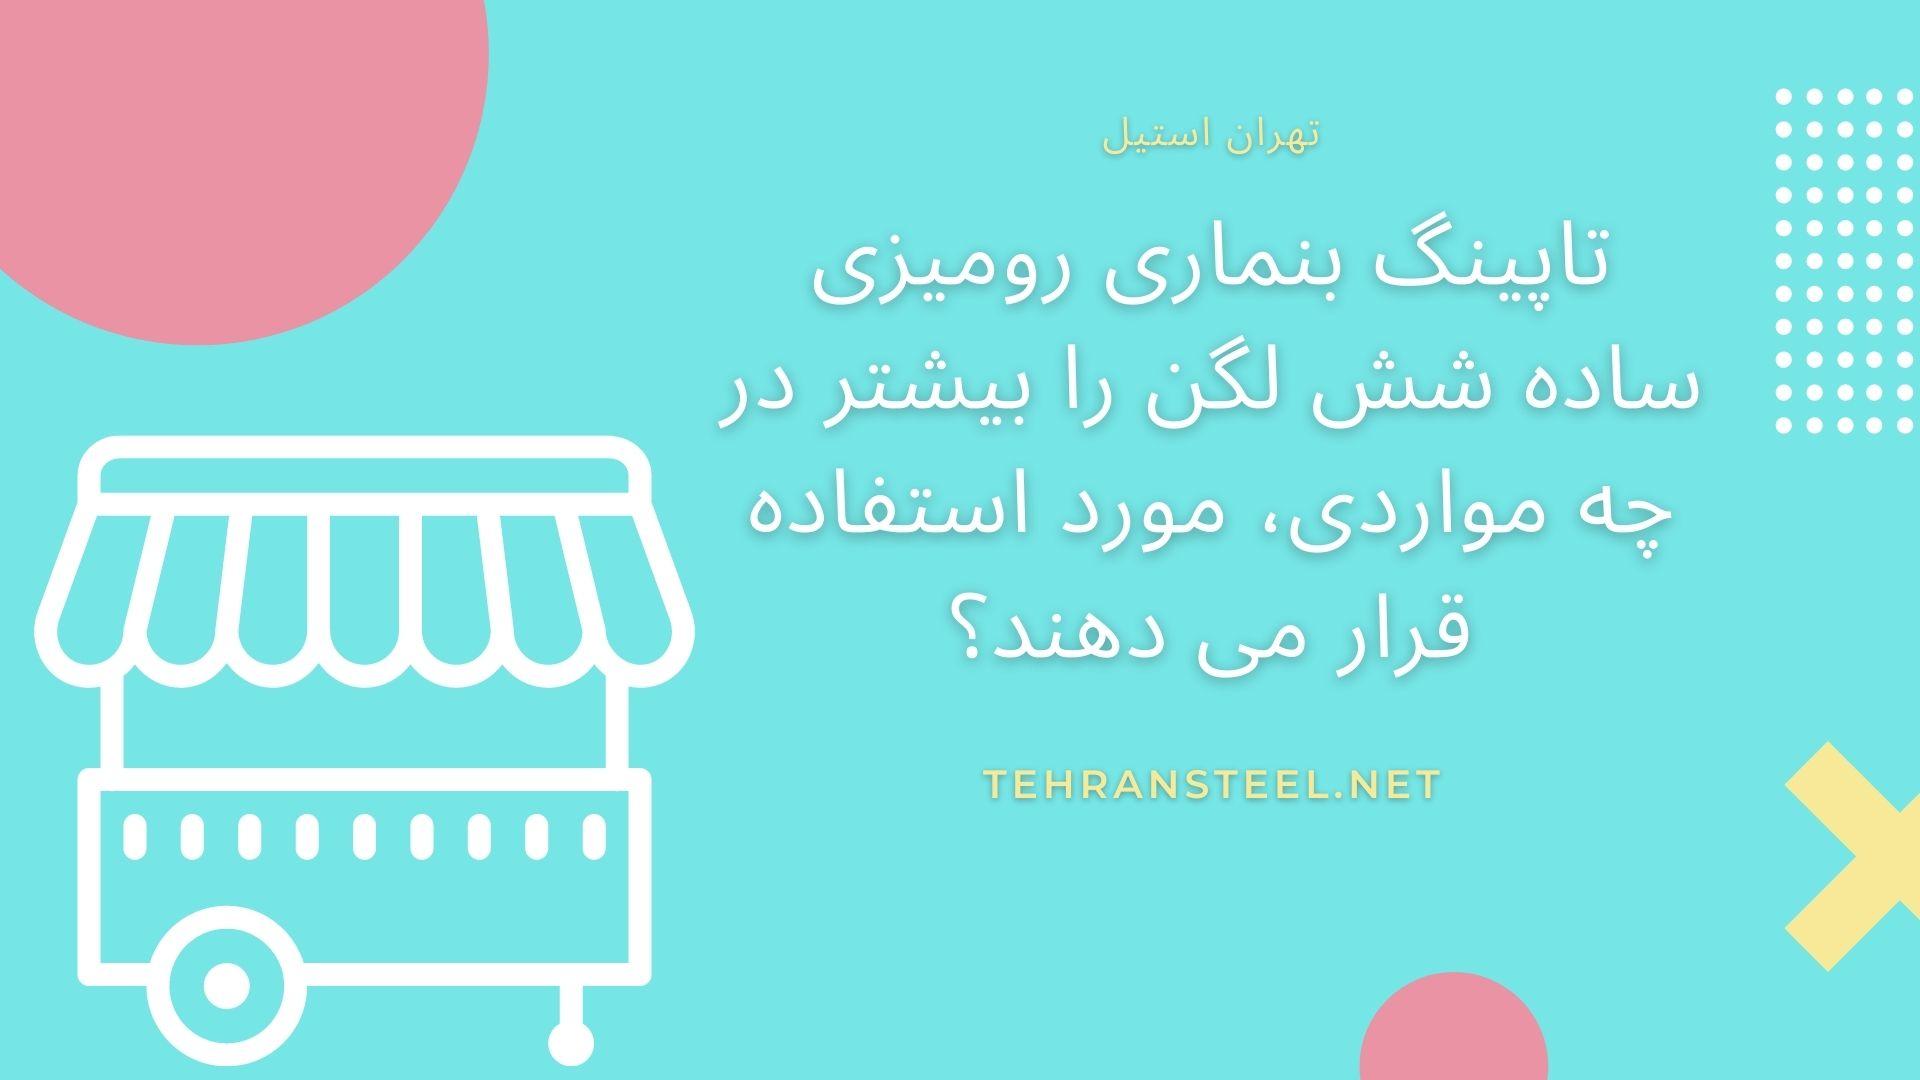 تاپینگ بنماری رومیزی ساده شش لگن را بیشتر در چه مواردی، مورد استفاده قرار می دهند؟